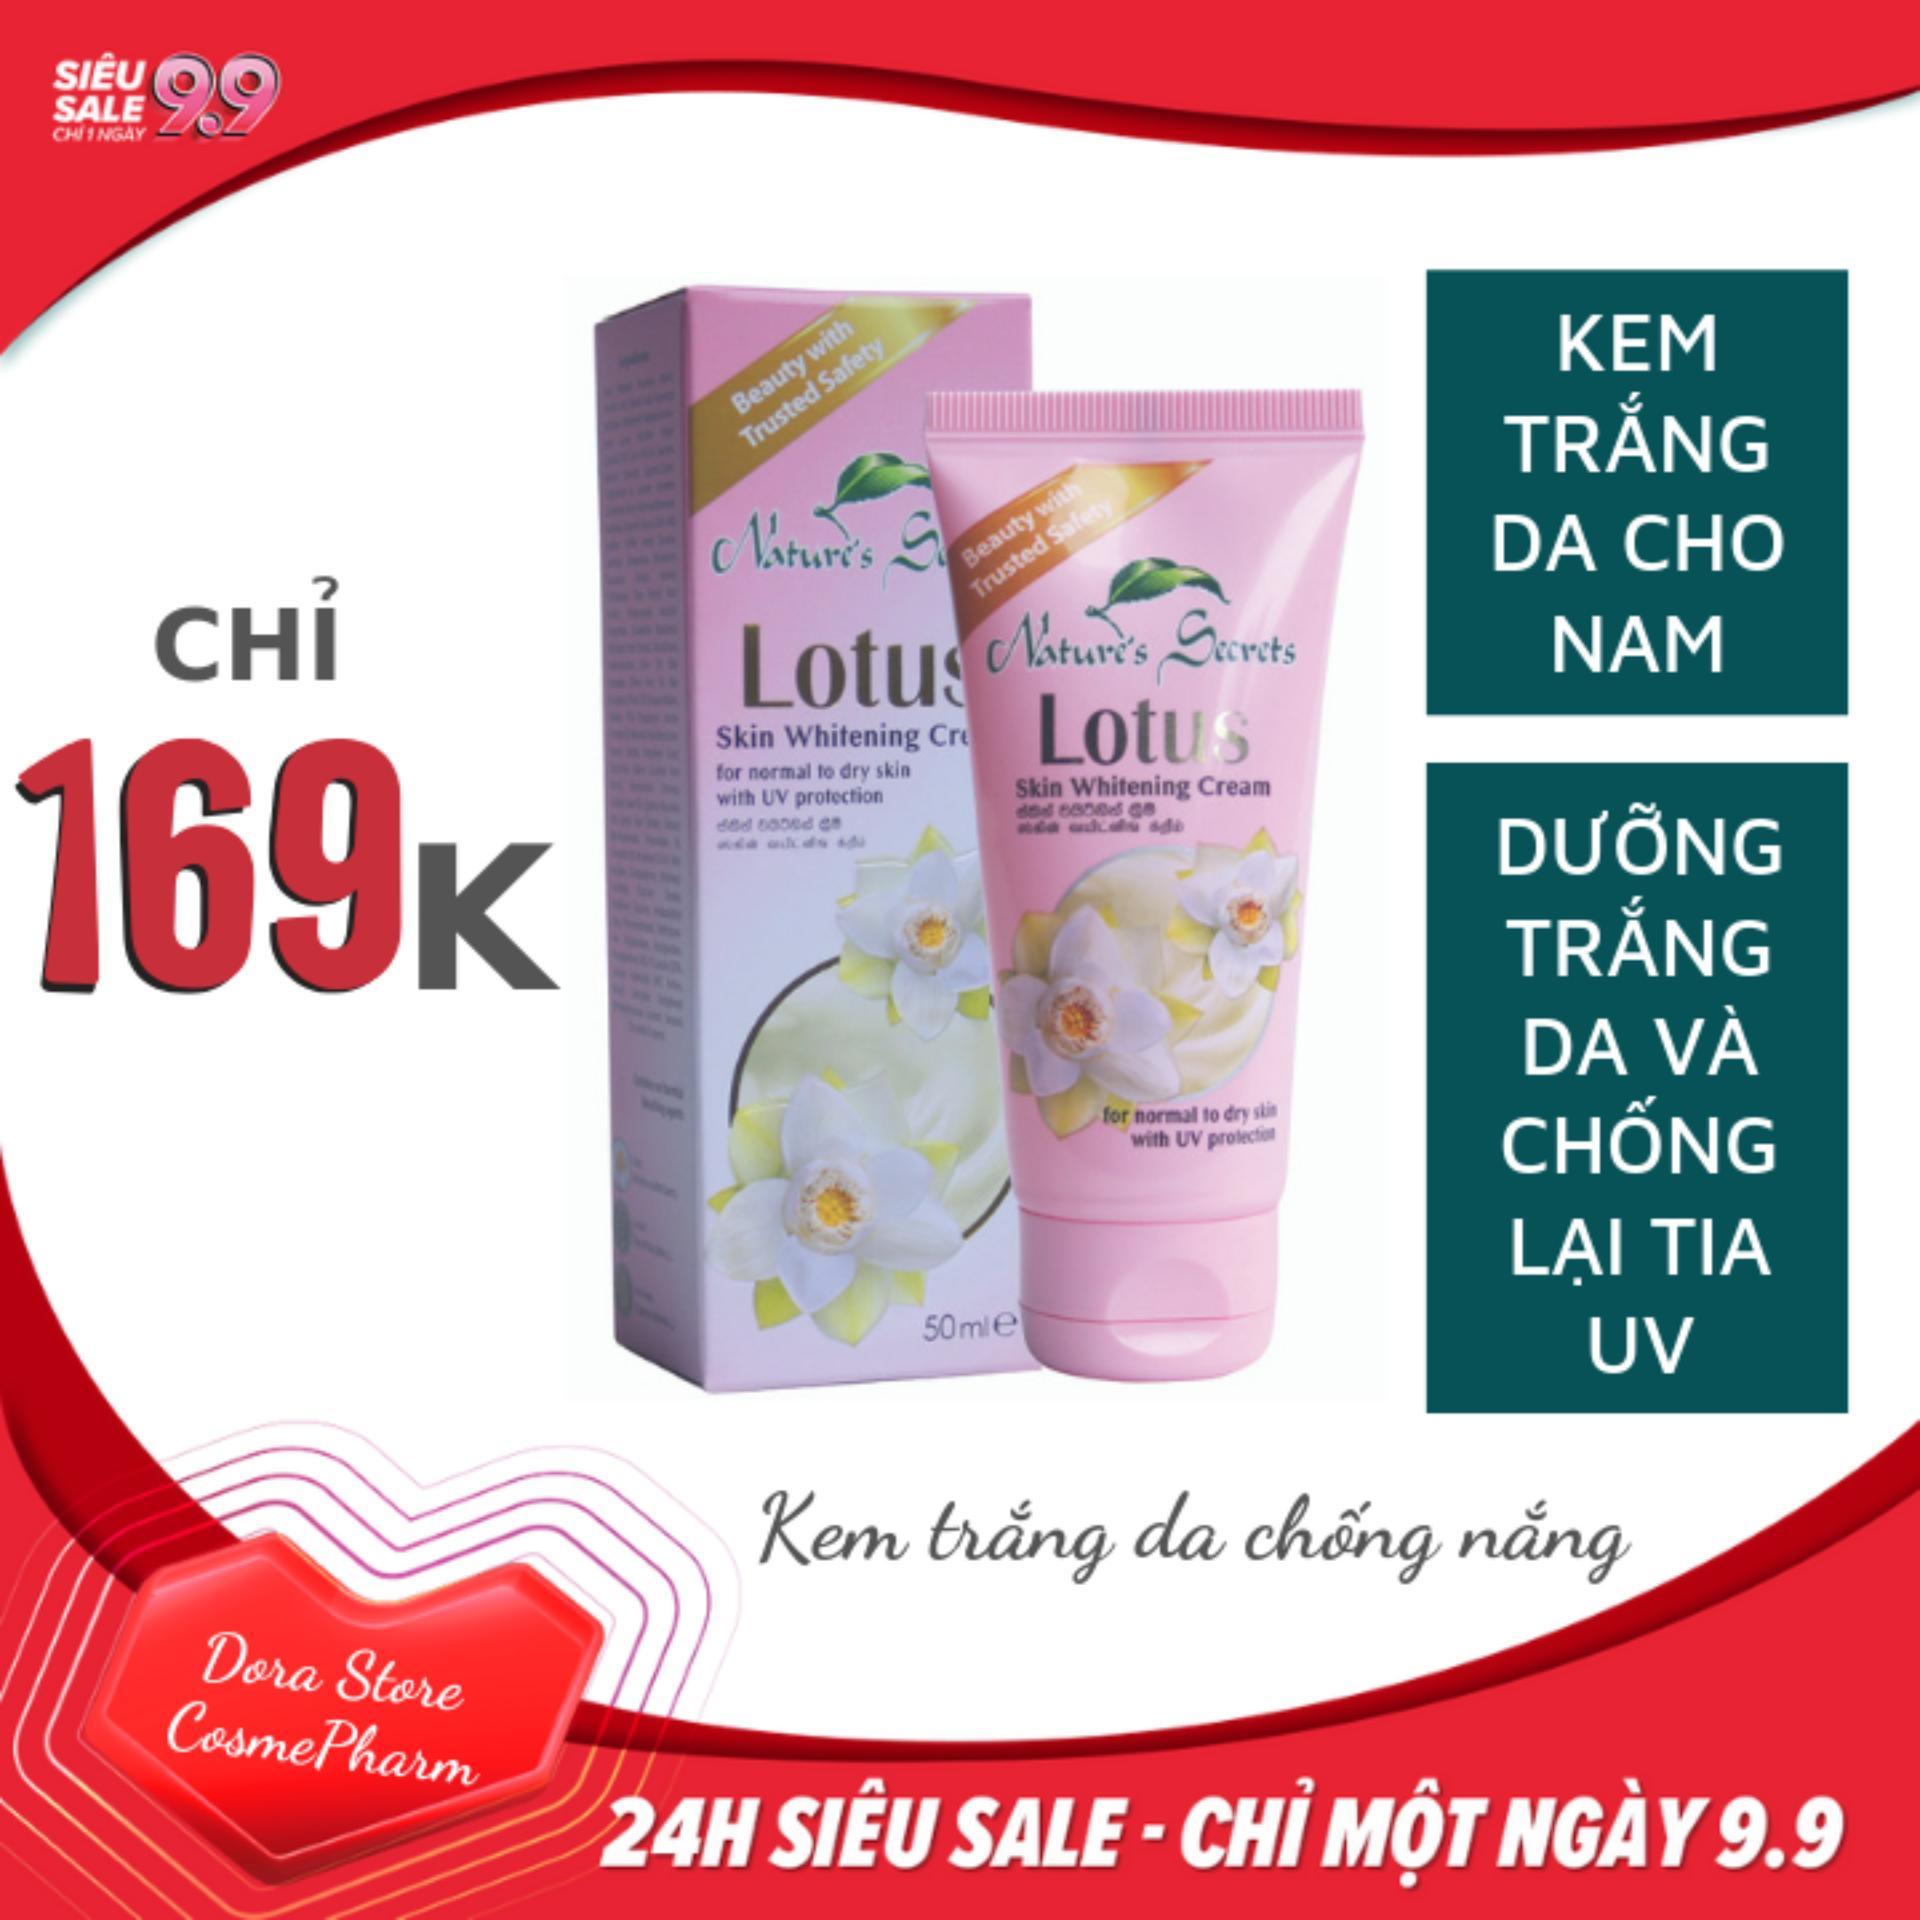 Kem trắng da chống nắng cho nam Lotus Whitening Cream 50ml tốt nhất